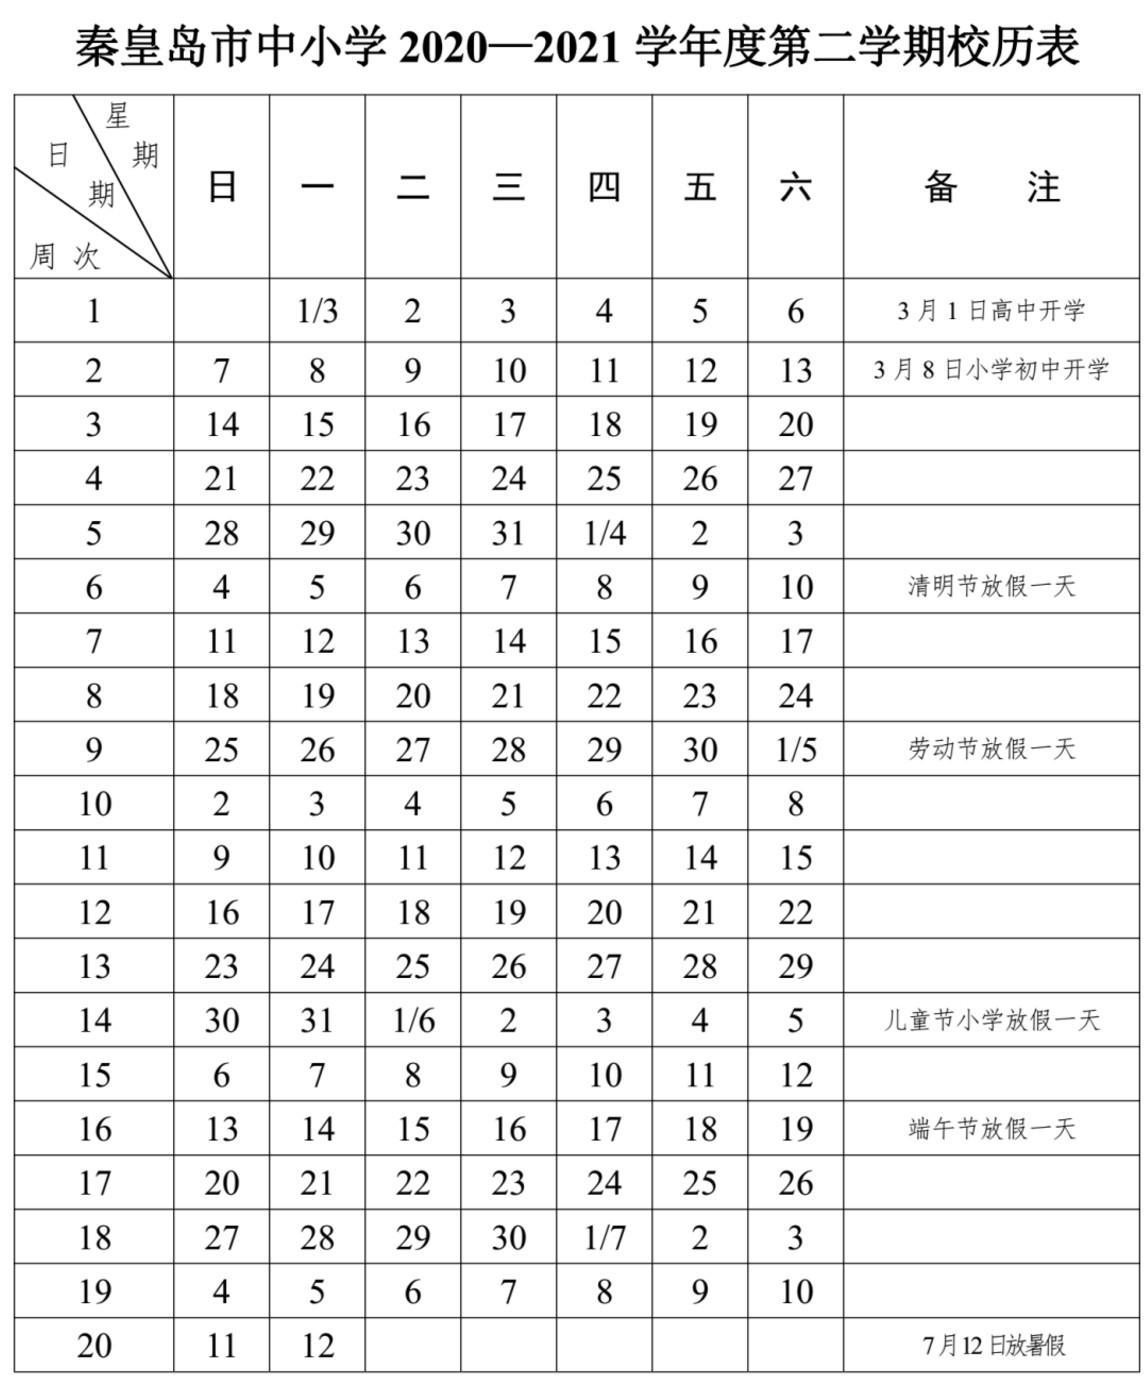 2021秦皇岛市中小学暑假放假时间公布